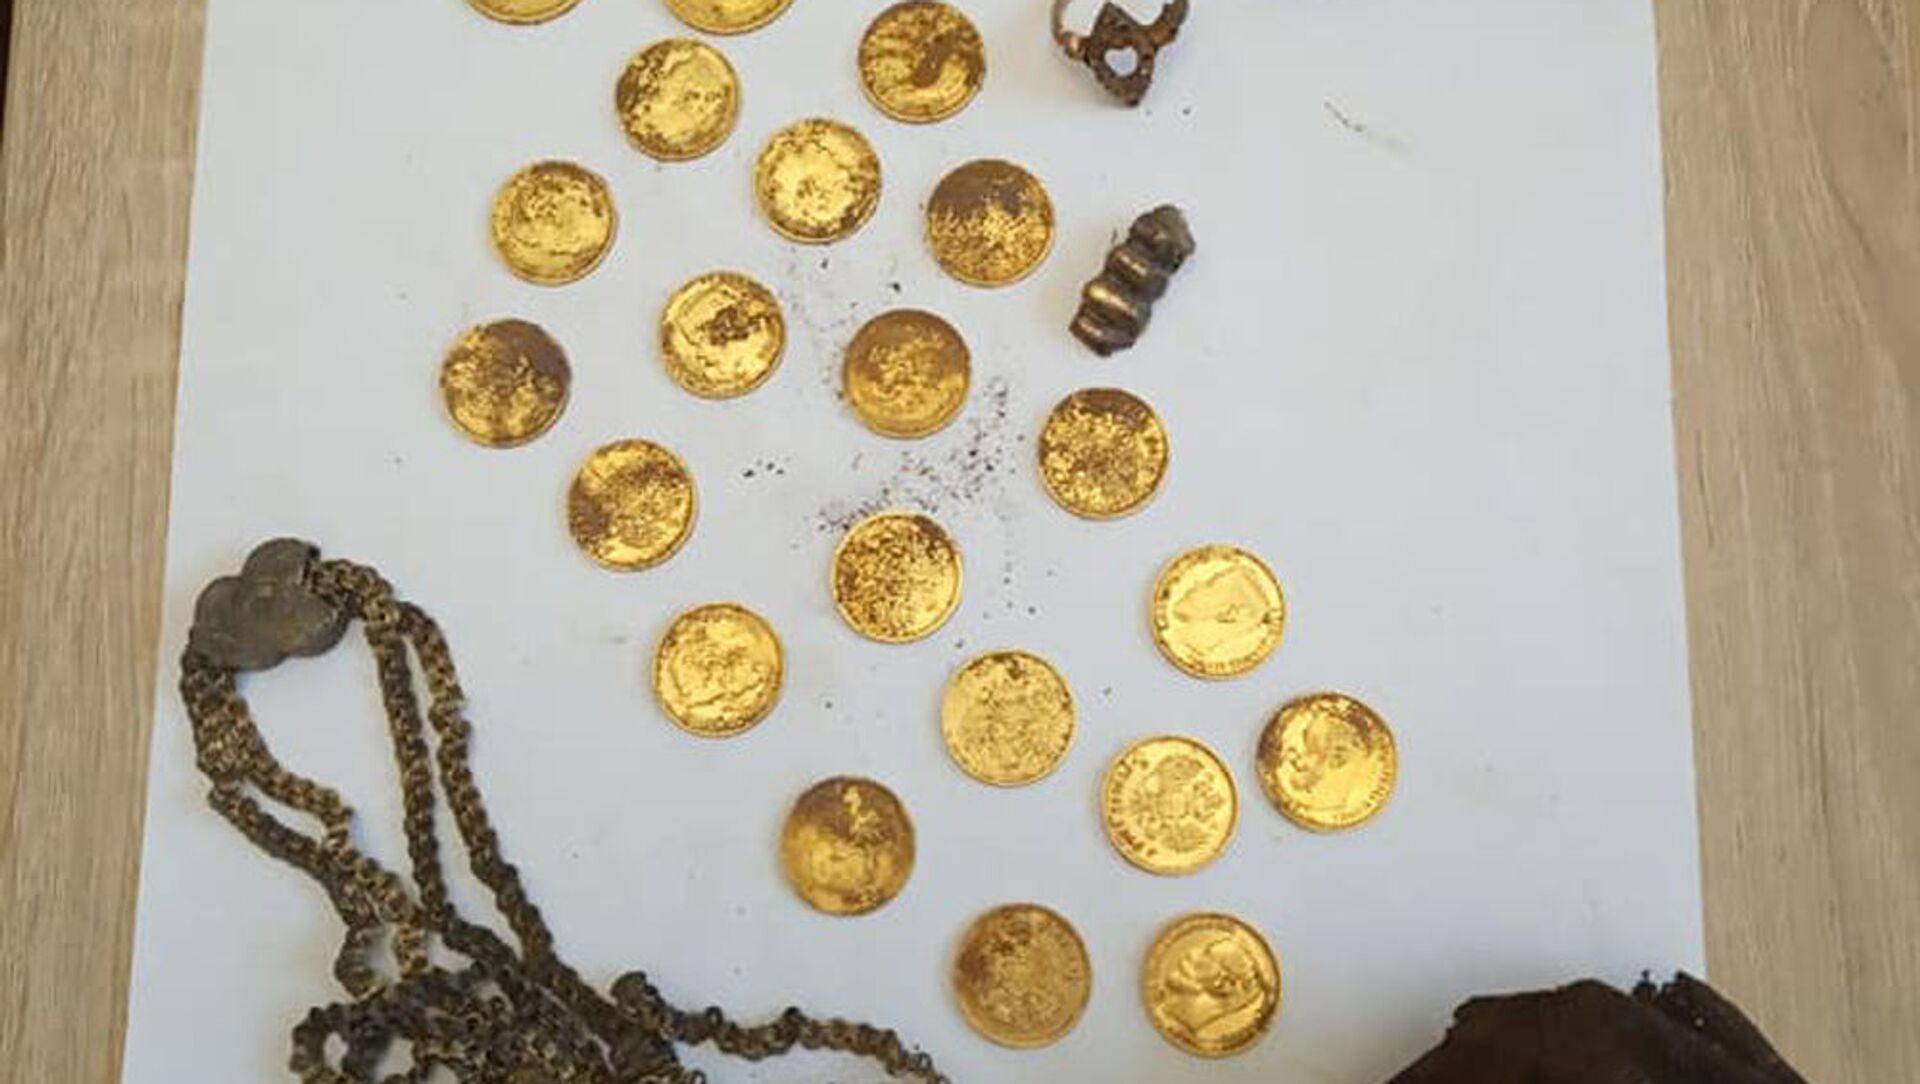 Клад золотых монет найден в центре Минска - Sputnik Беларусь, 1920, 23.02.2021